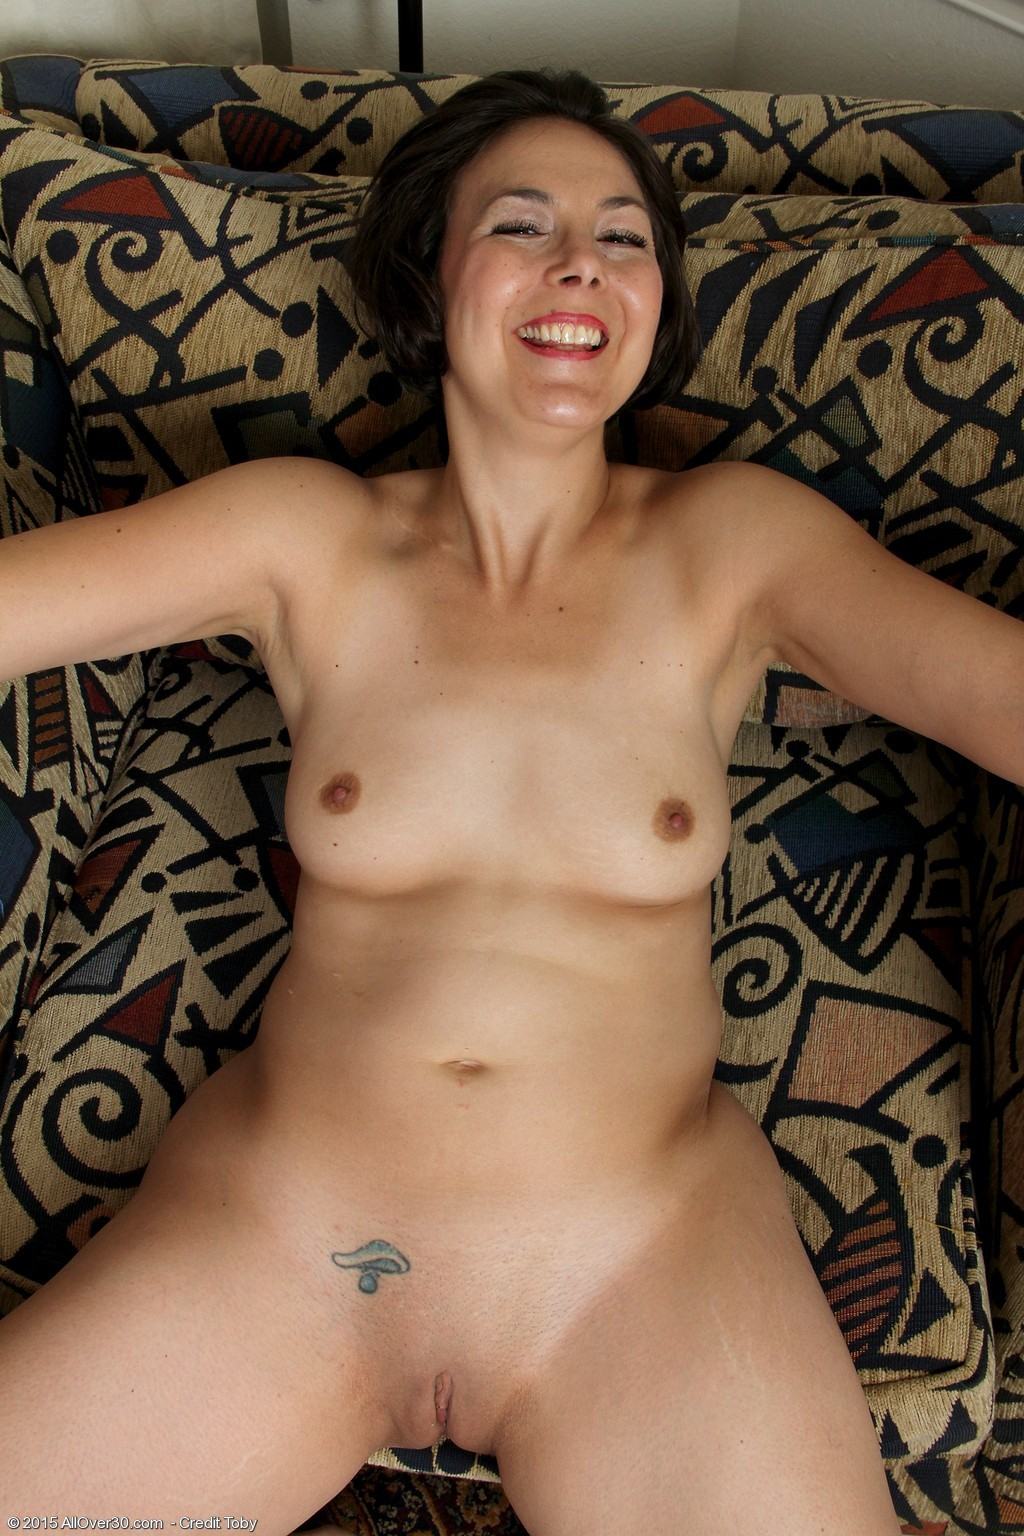 Carlita Johnson Porn Pics carlita in lingerie at allover30 free | free hot nude porn